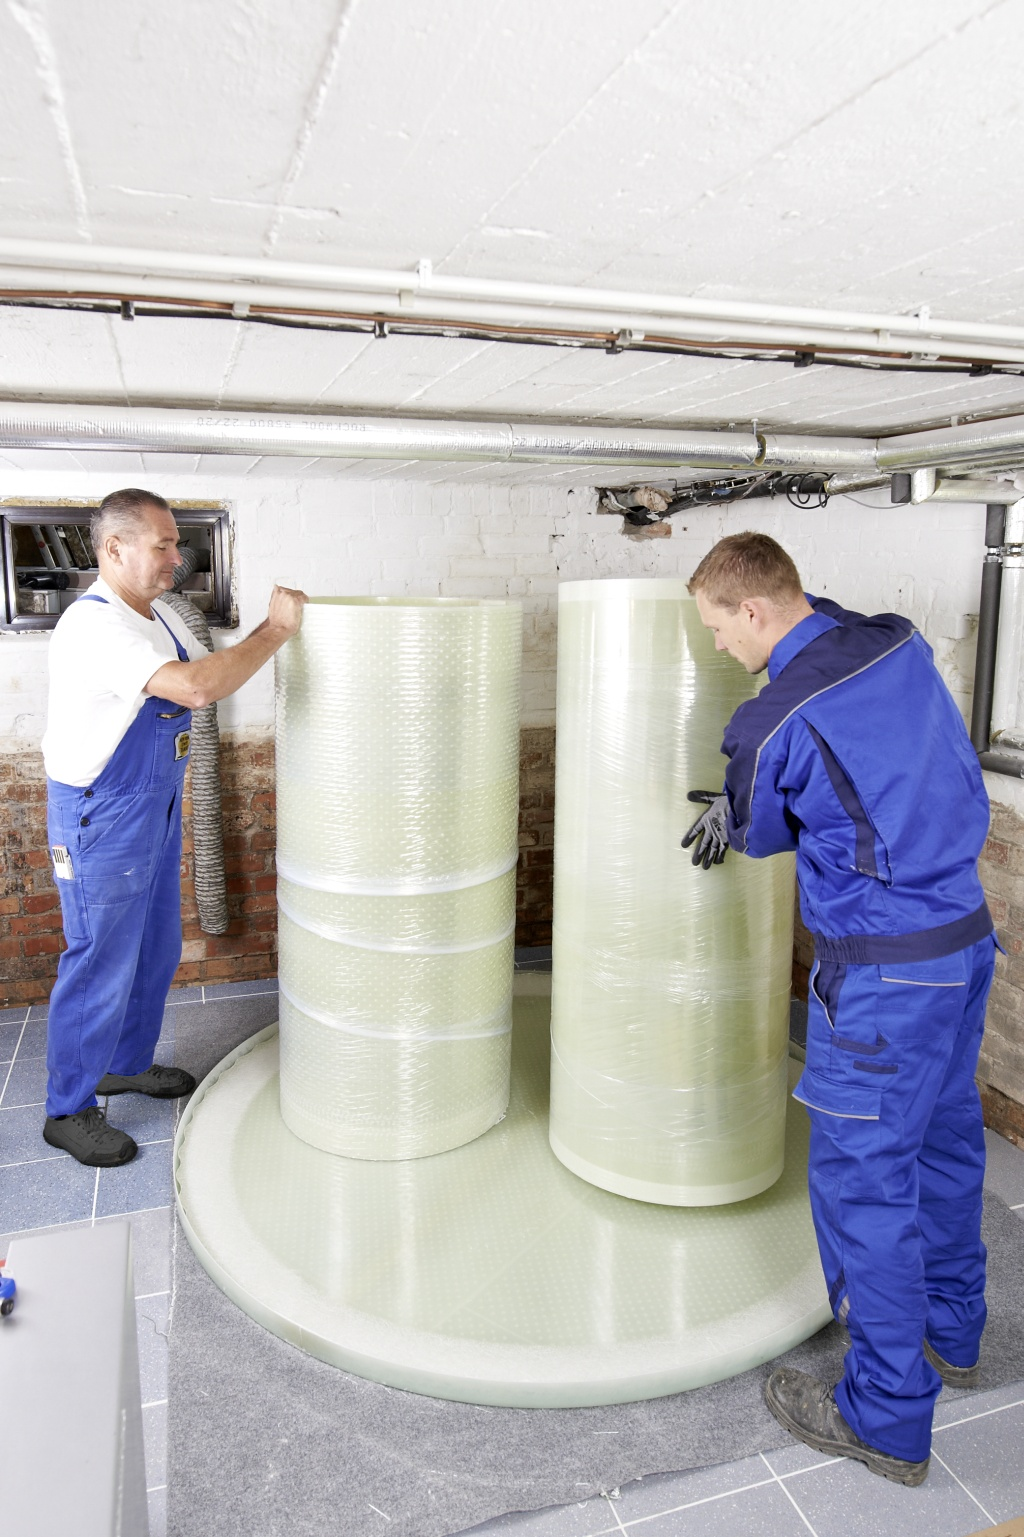 Beer Energien Heizöl Kellertank von Haase passt überall hindurch Montage im Keller